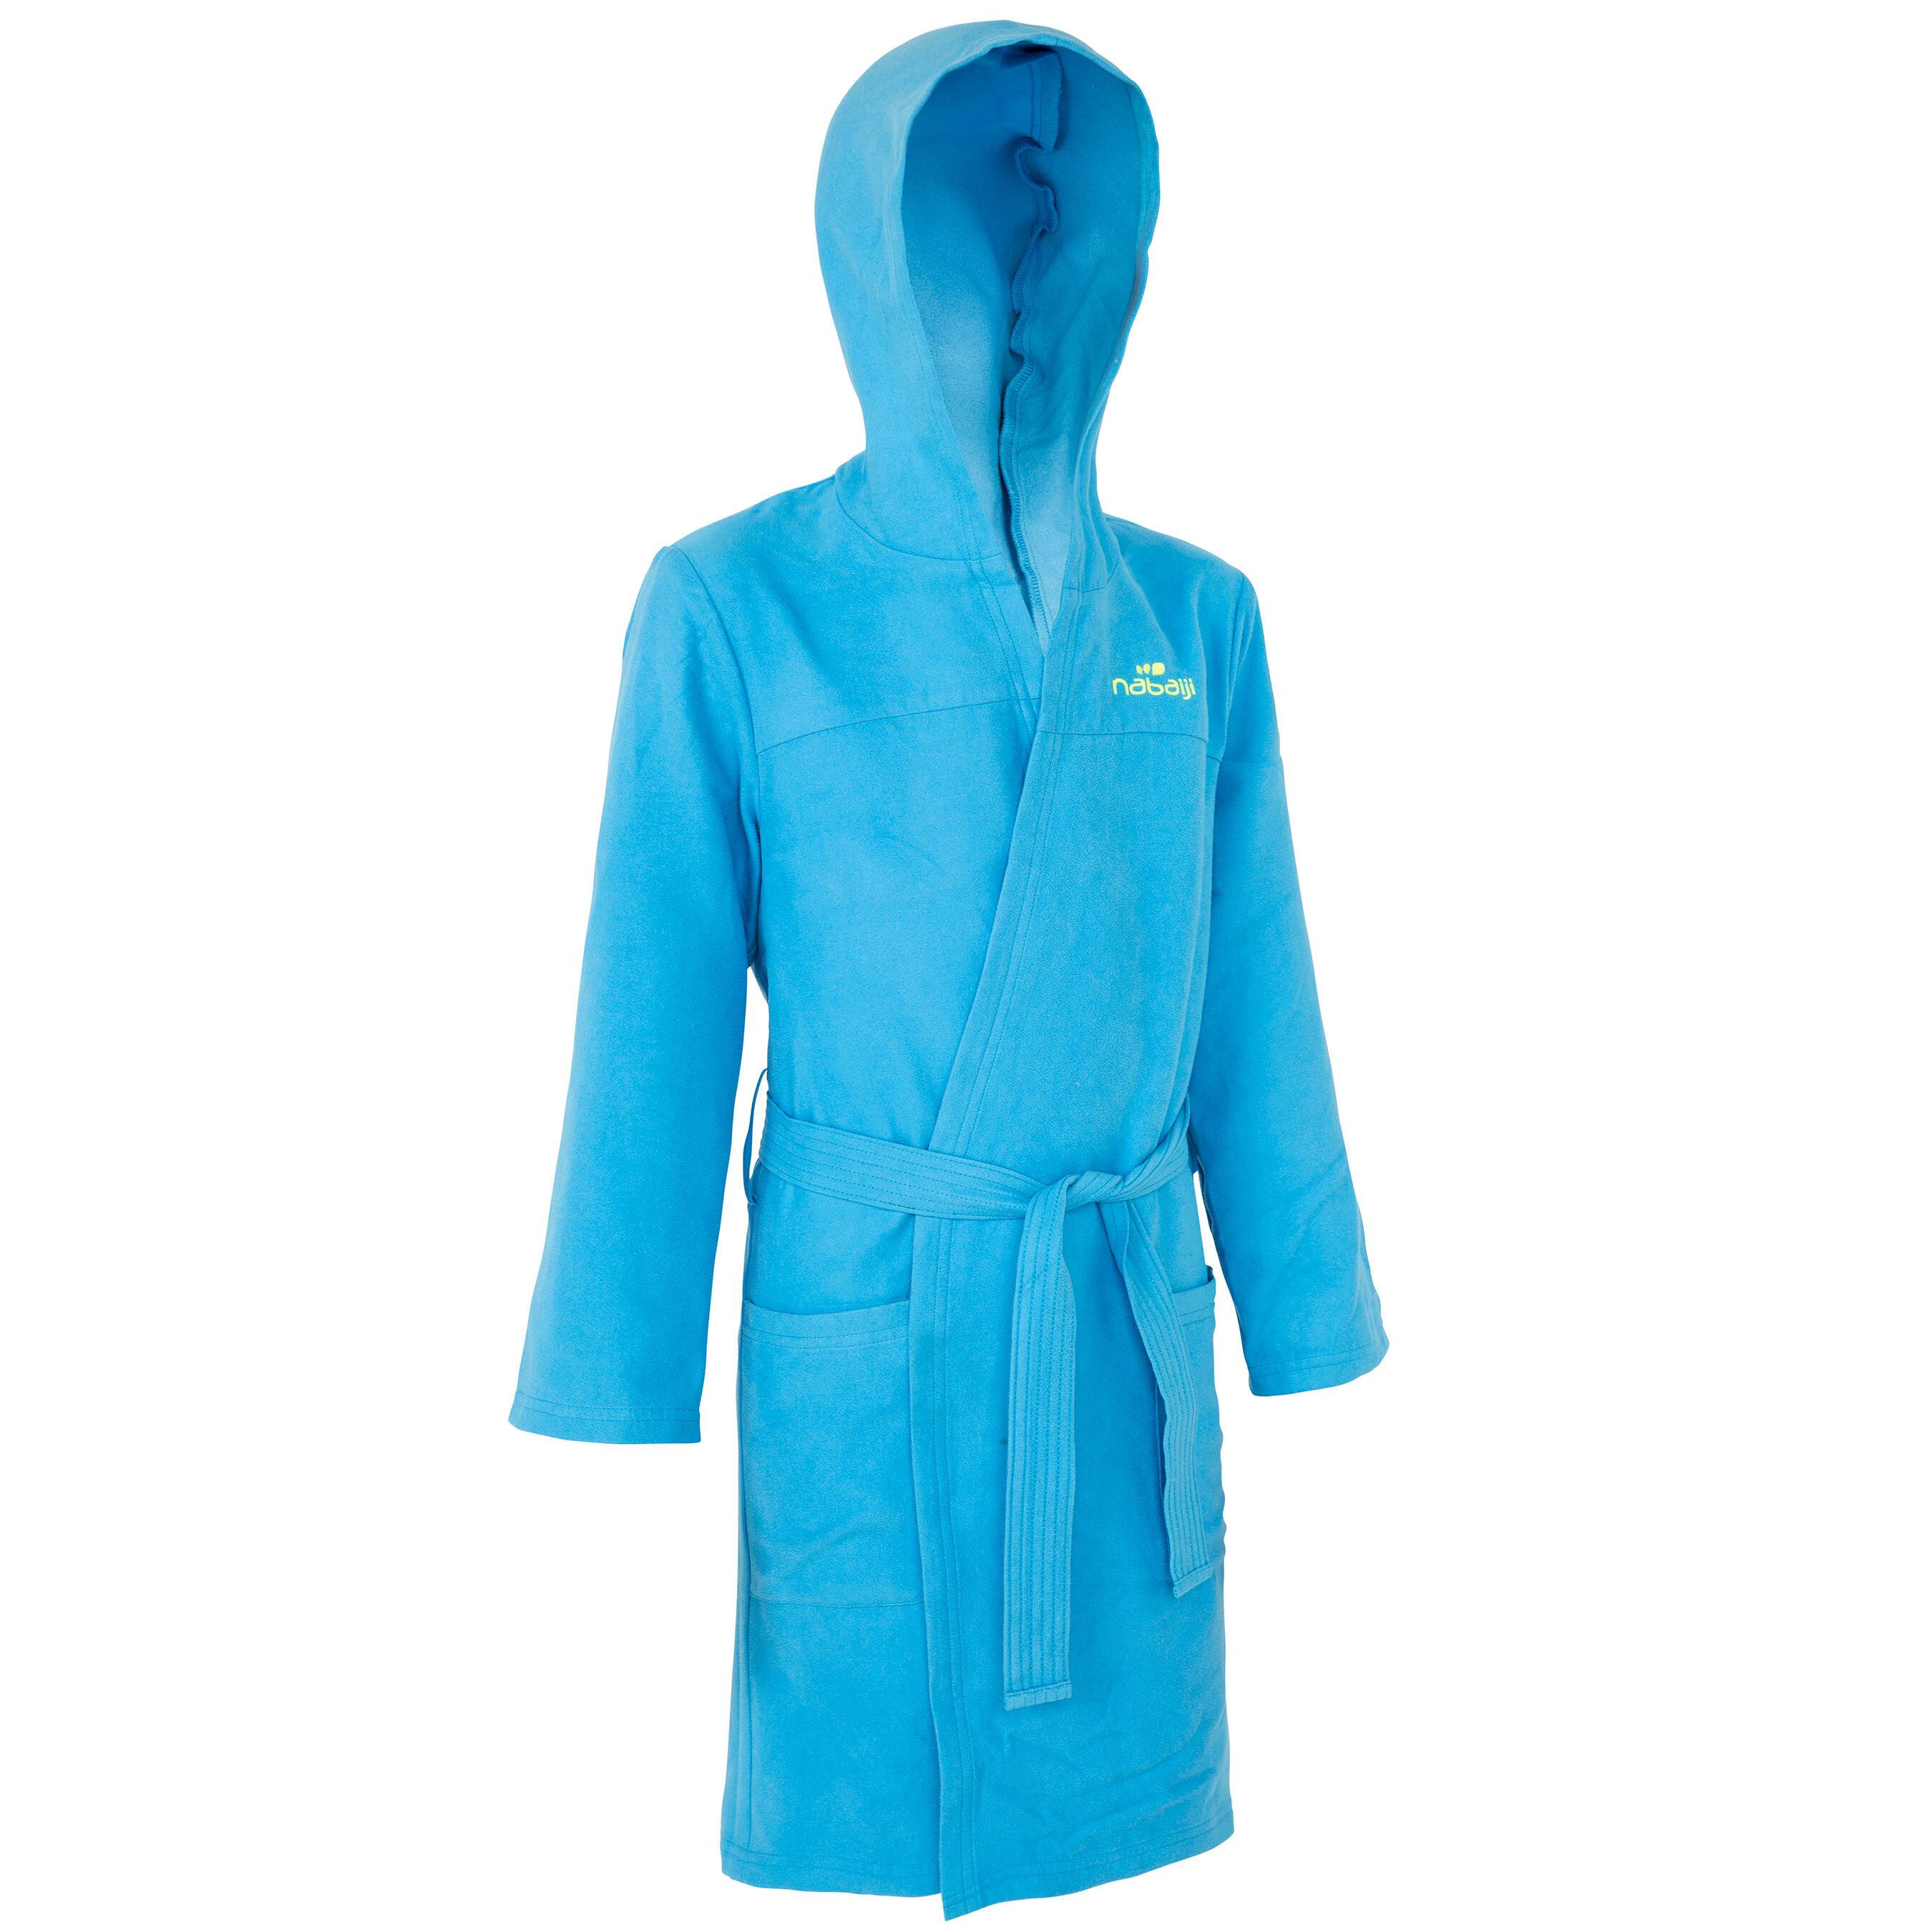 Peignoir microfibre natation enfant bleu avec capuchon, poches et ceinture